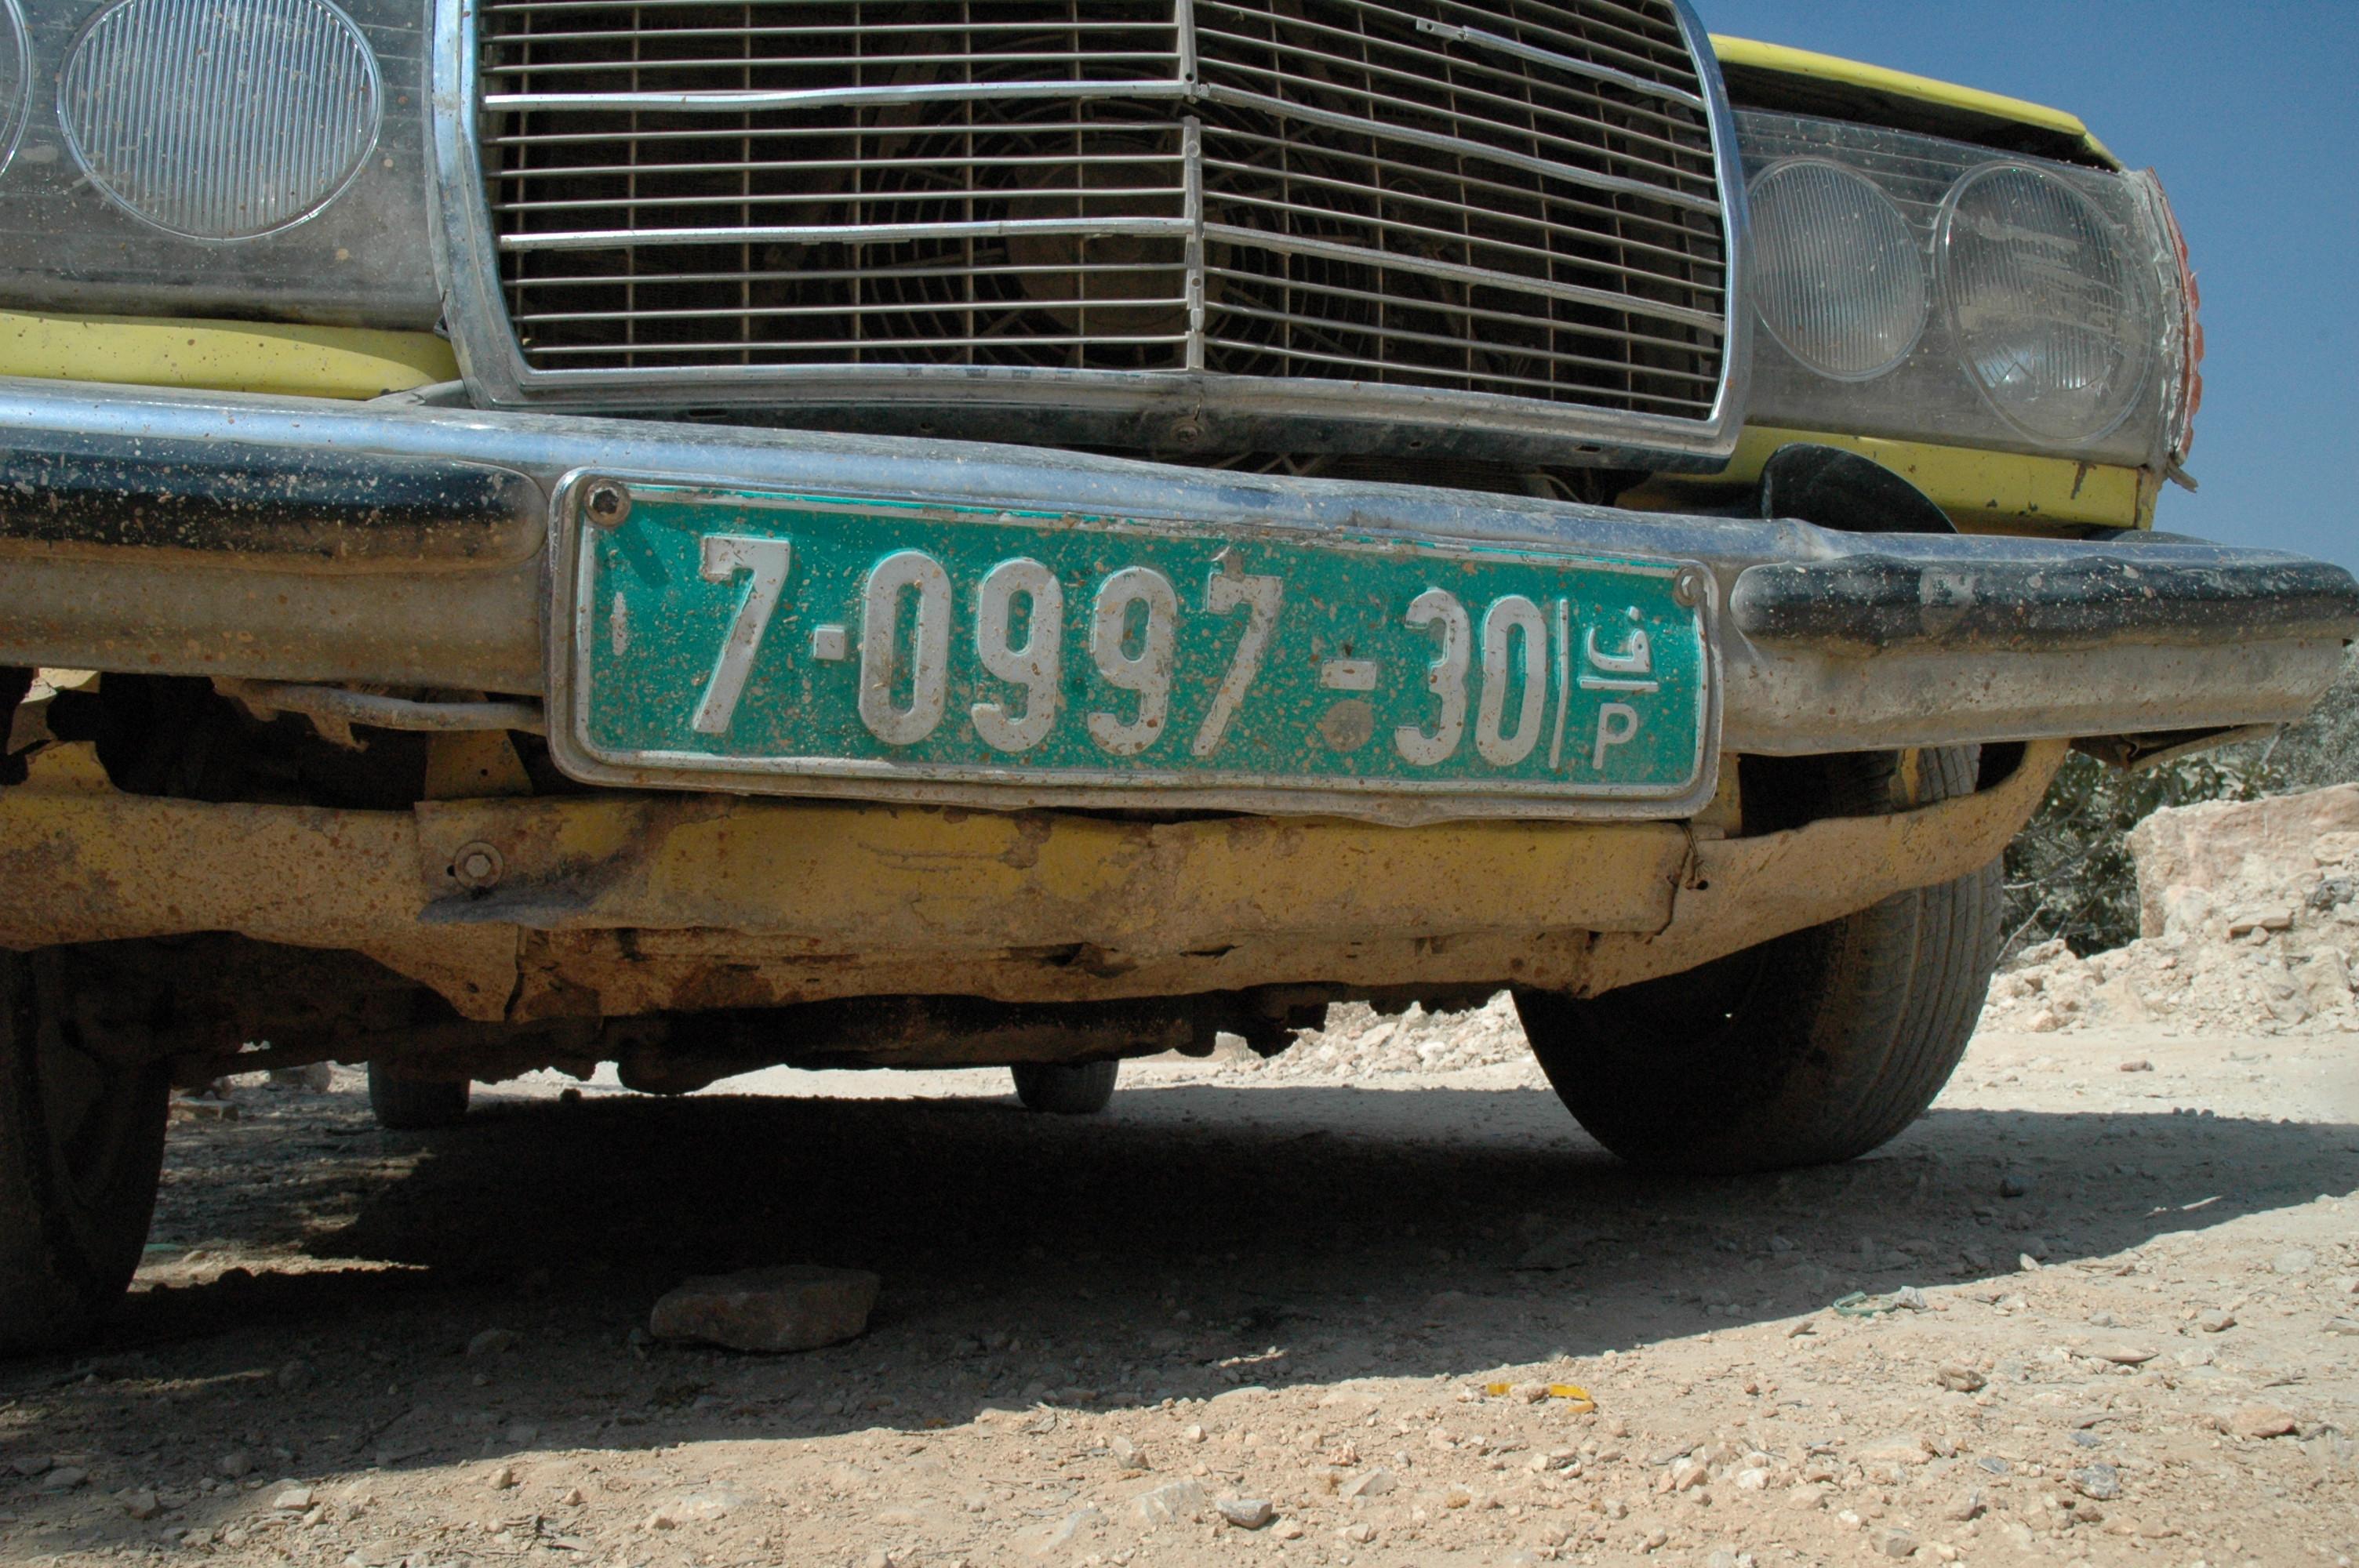 vorderes Nummernschild an einem Auto